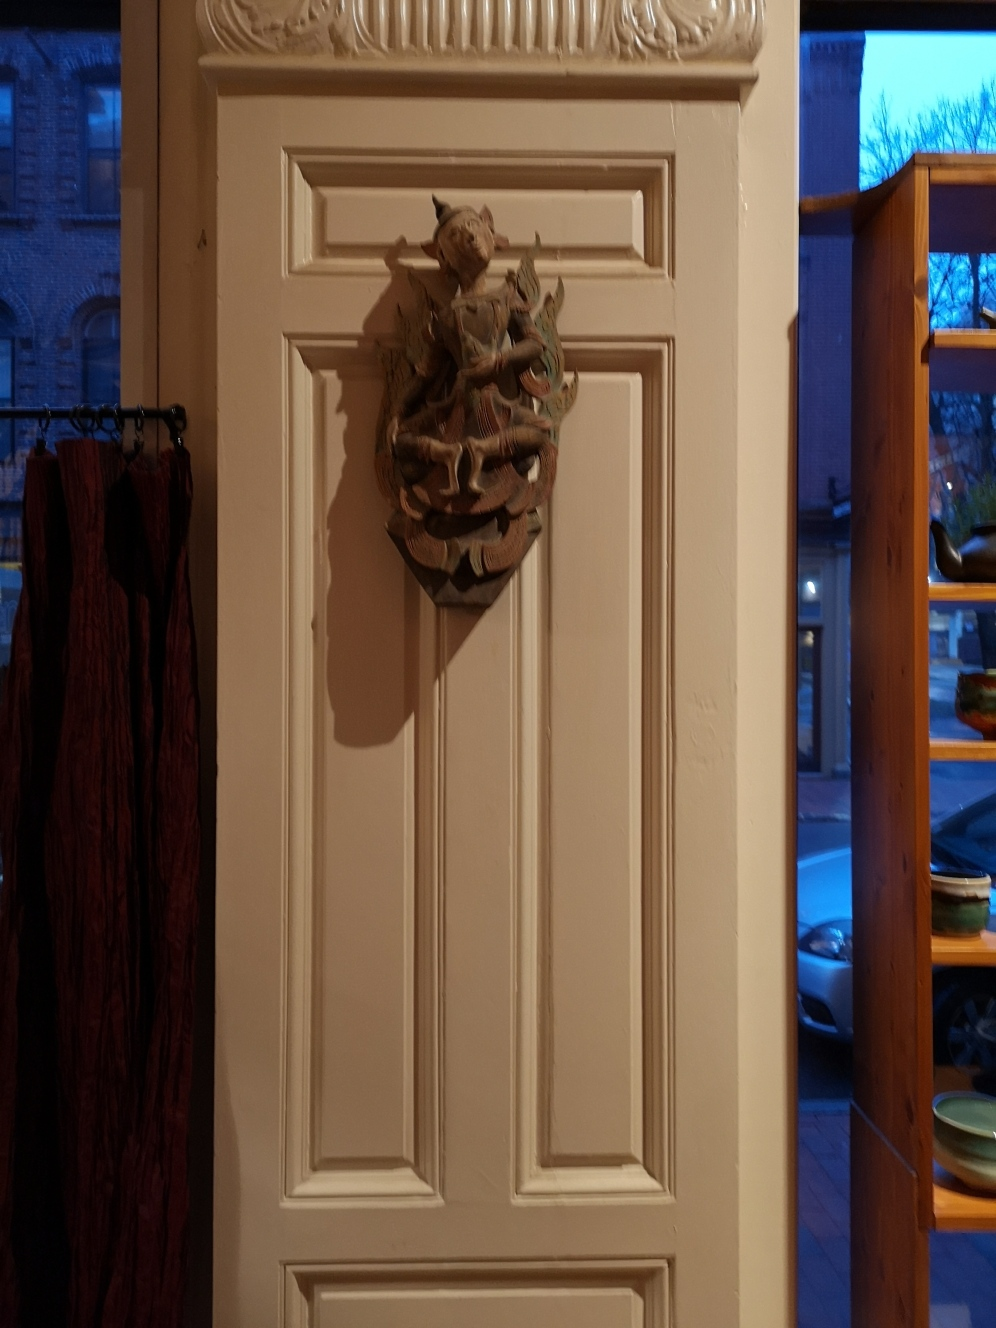 Fascinating door ornament